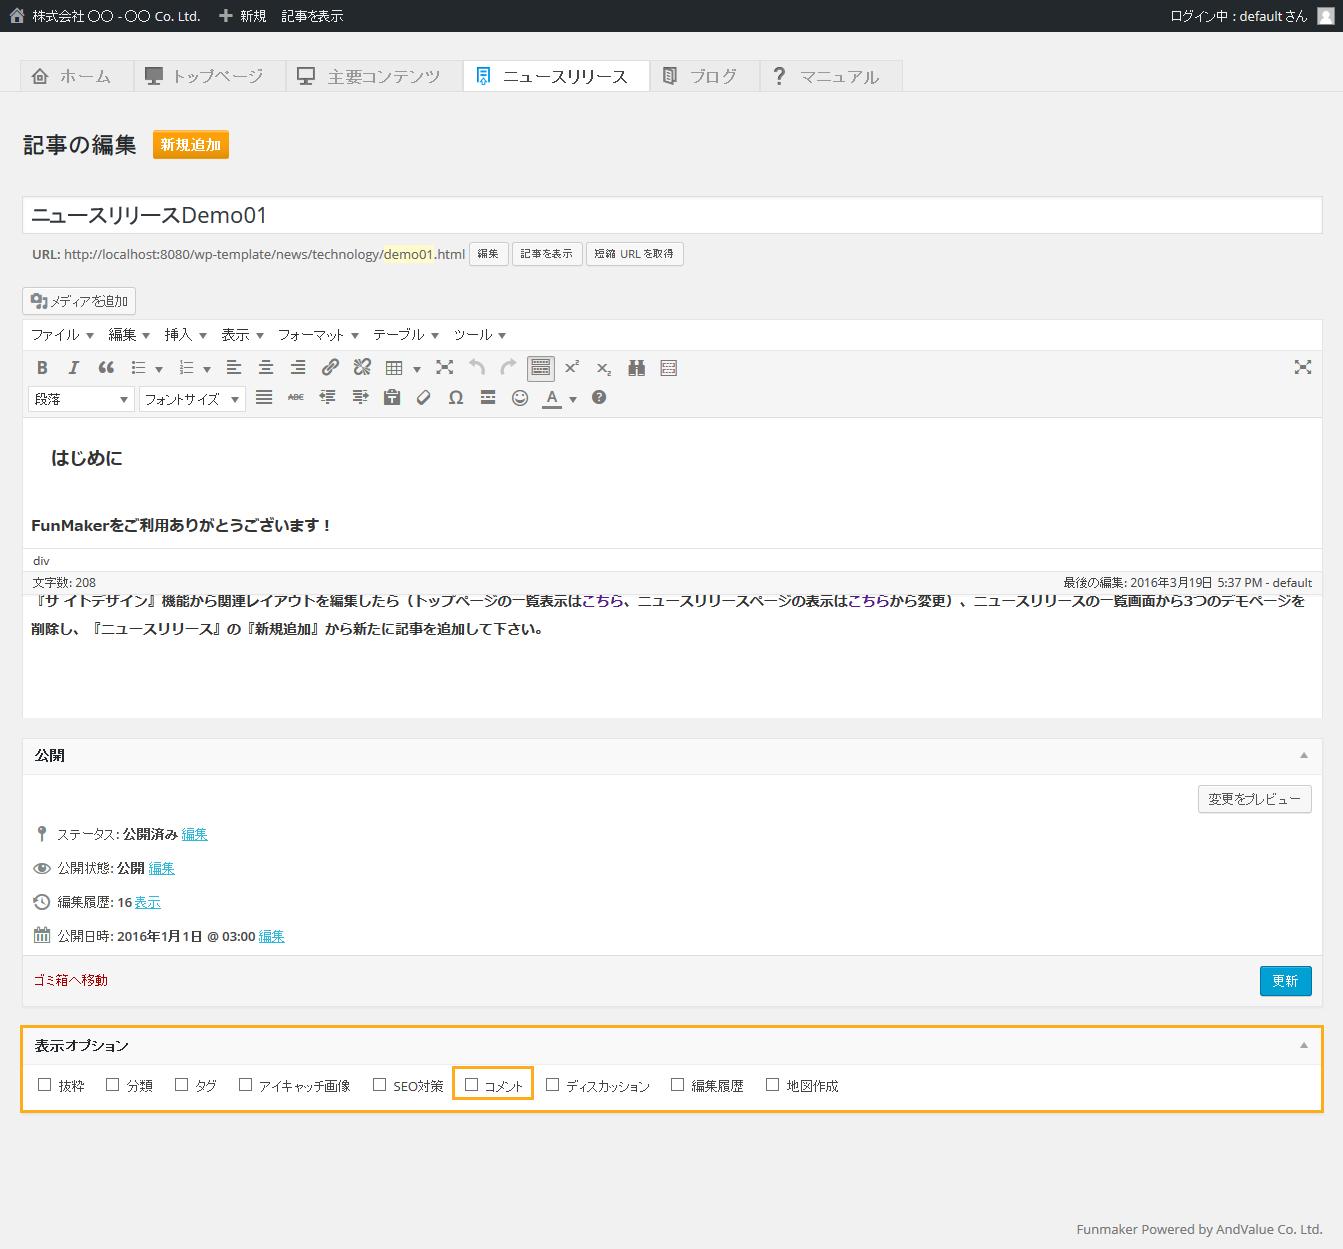 コメントの利用 設定 - 簡単格安ホームページ作成会社 -FunMaker